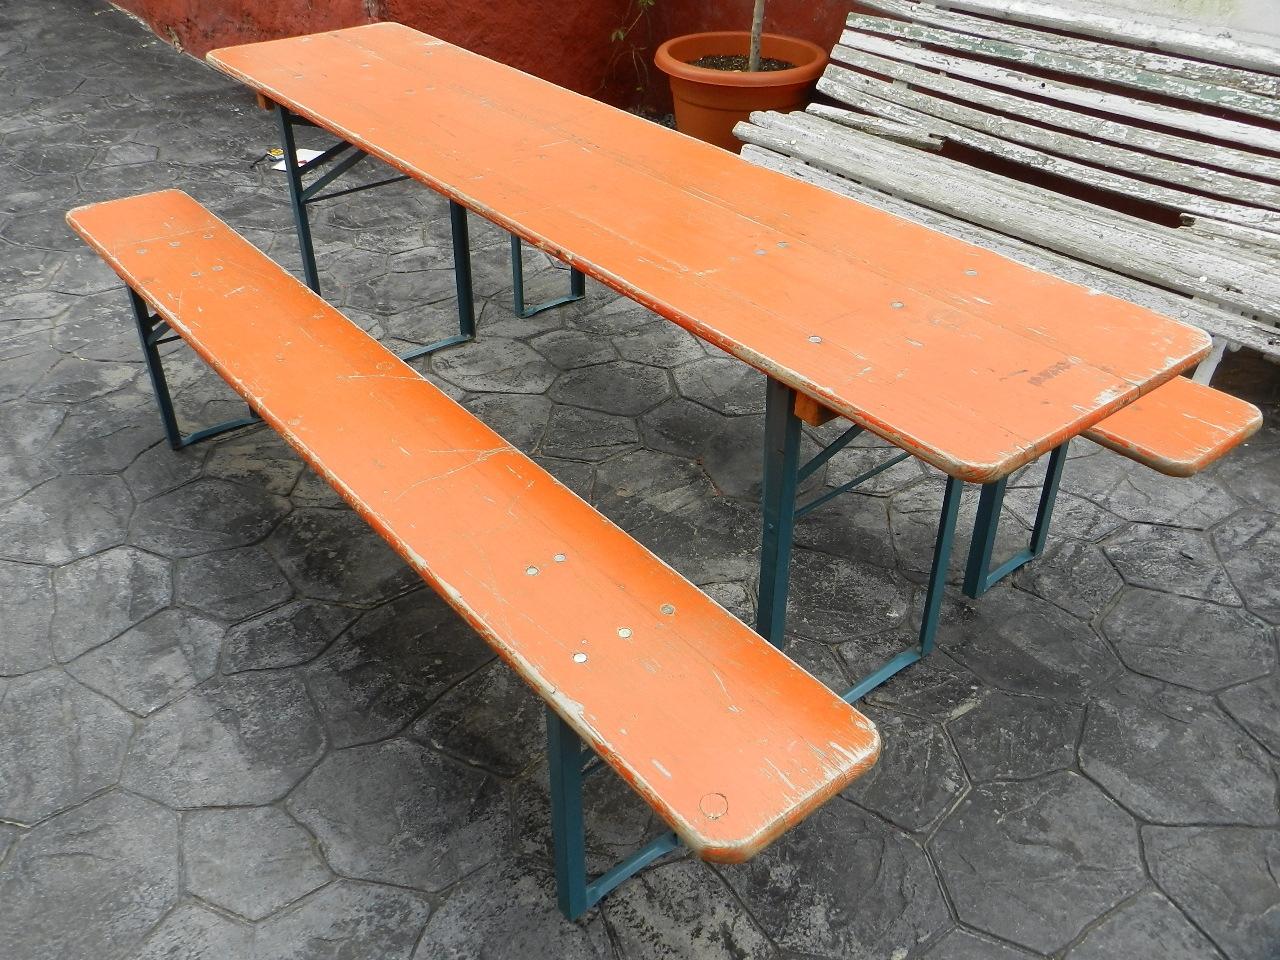 Imagen MESA Y BANCOS PLEGABLES PARA JARDÍN 37029